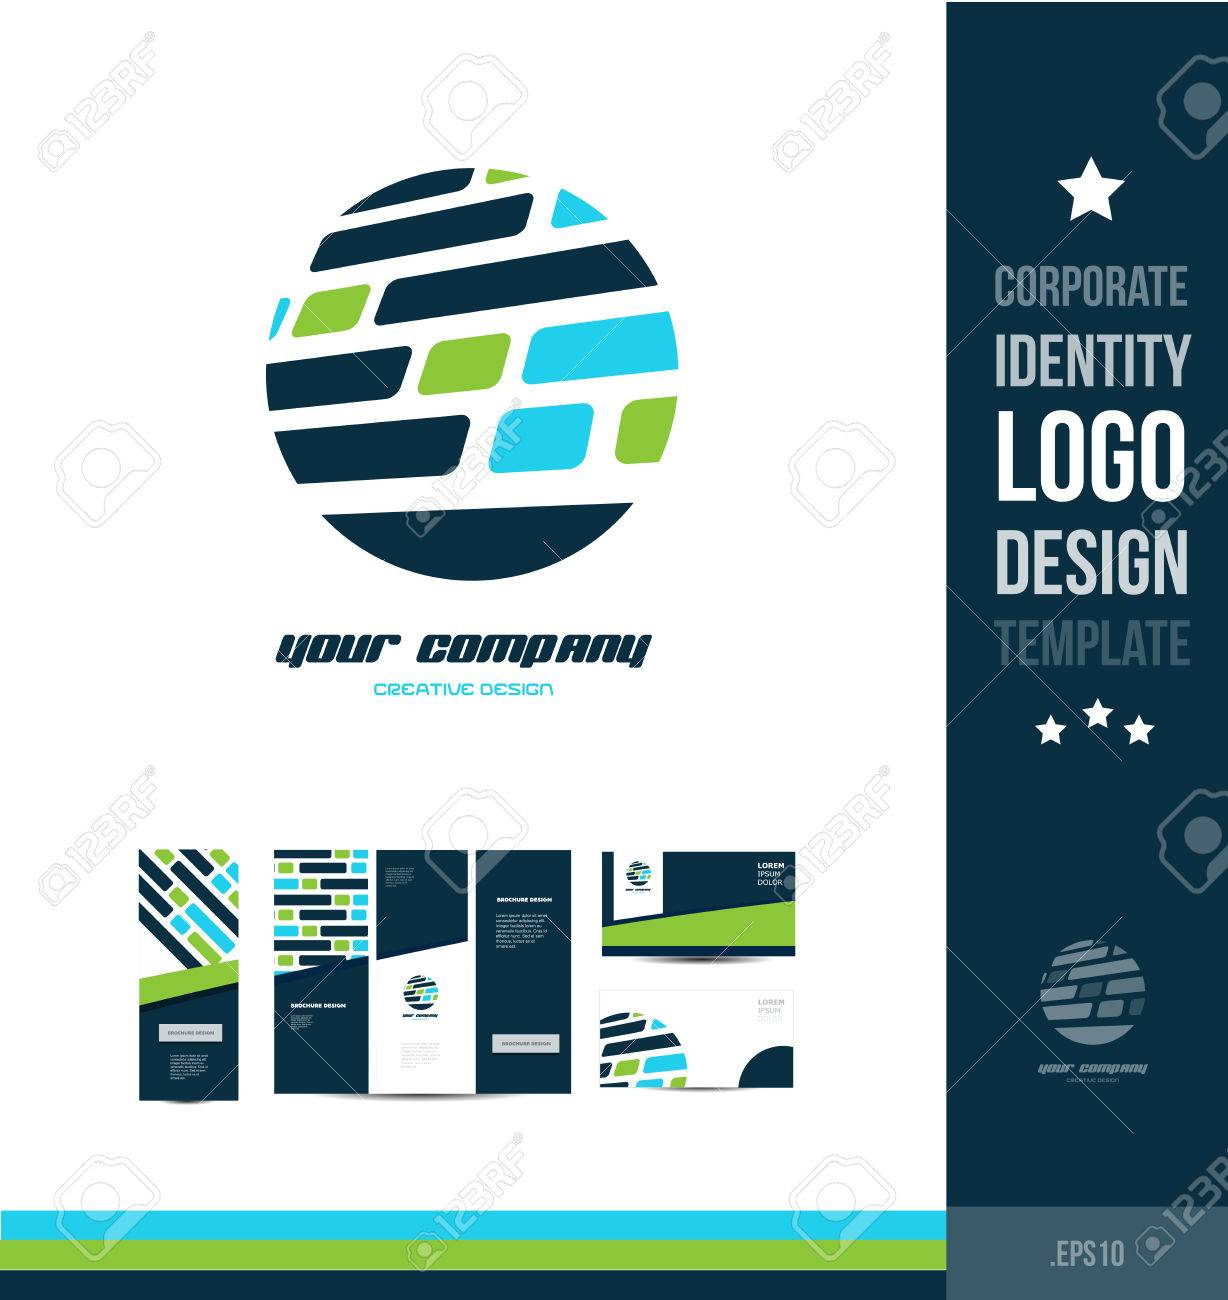 corporate identity blue green circle grid design icon company